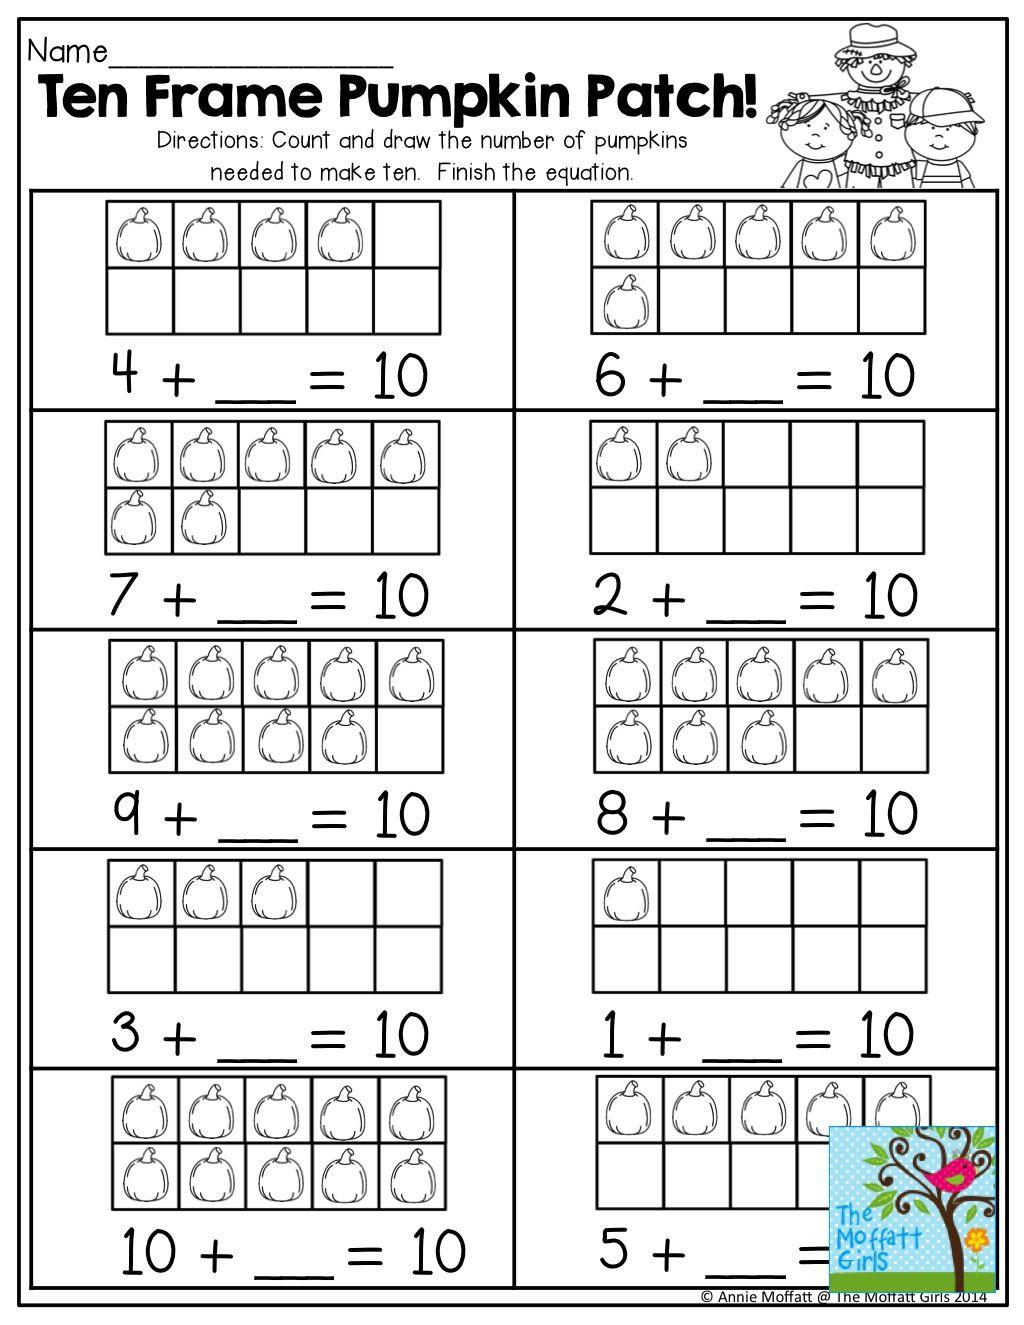 Ten Frame Pumpkin Patch! | Kindergarten - Math | Pinterest | Kind